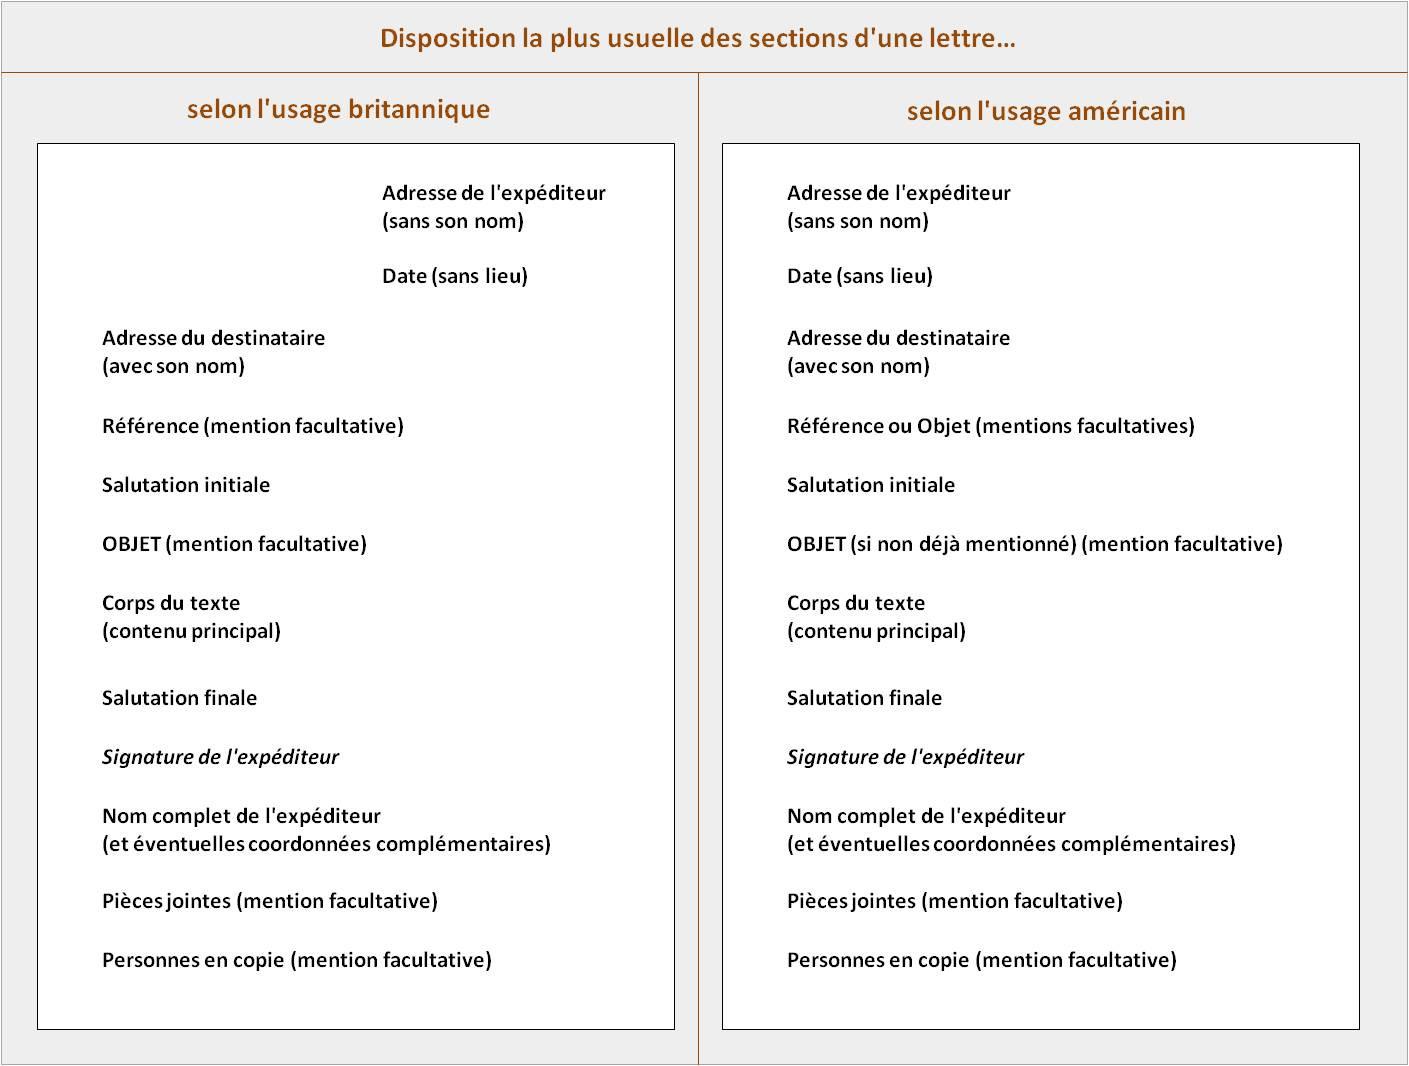 Formule de politesse anglais lettre de motivation - laboite-cv.fr